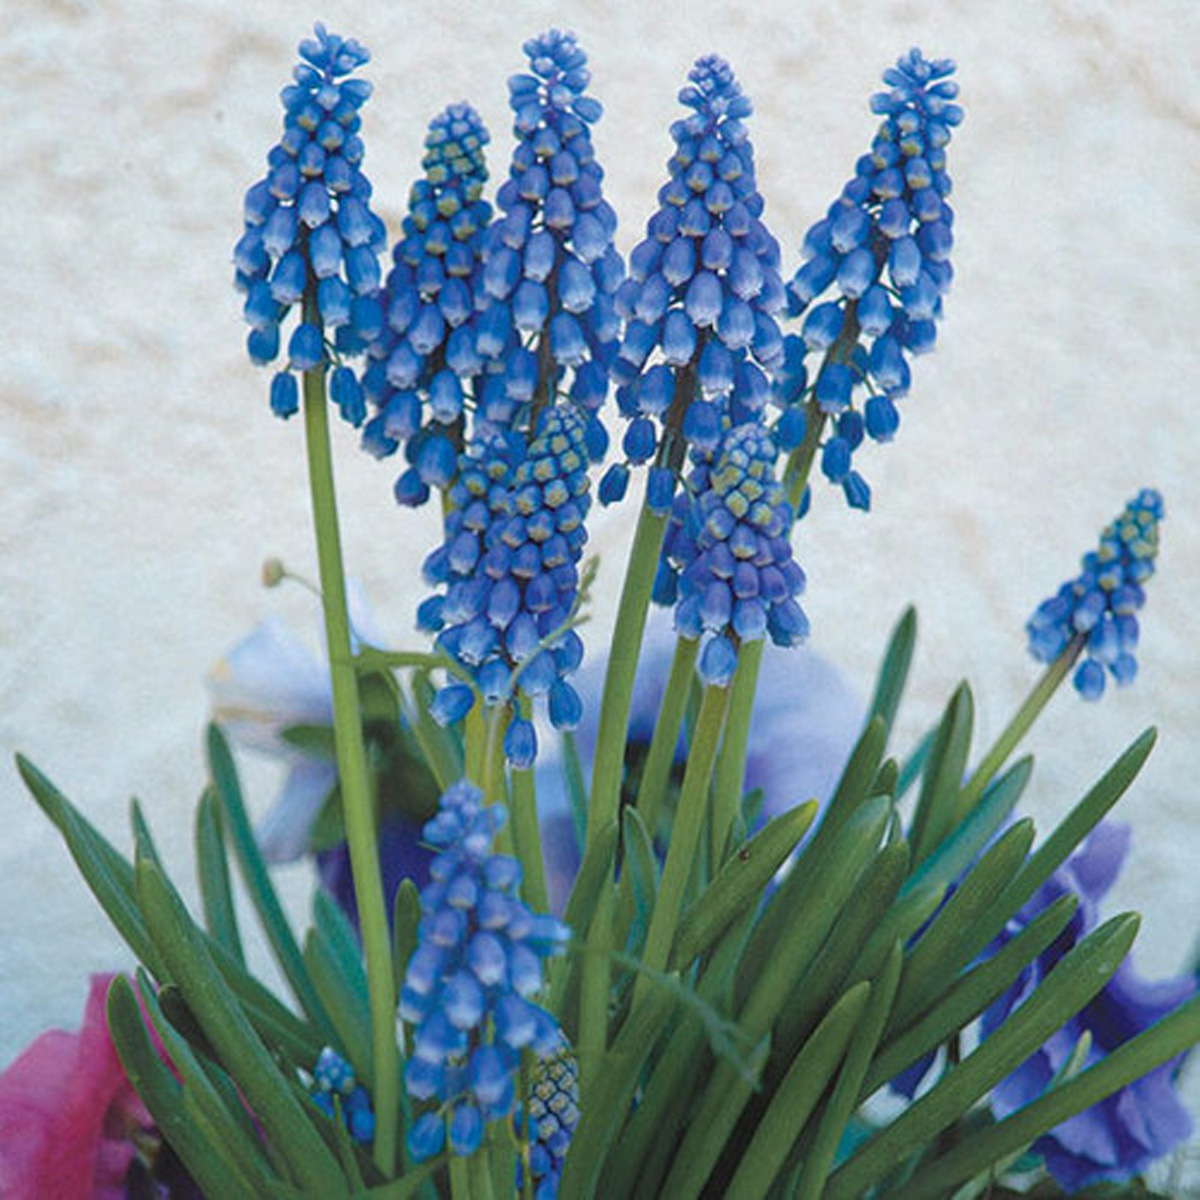 'Blue Magic' grape hyacinth